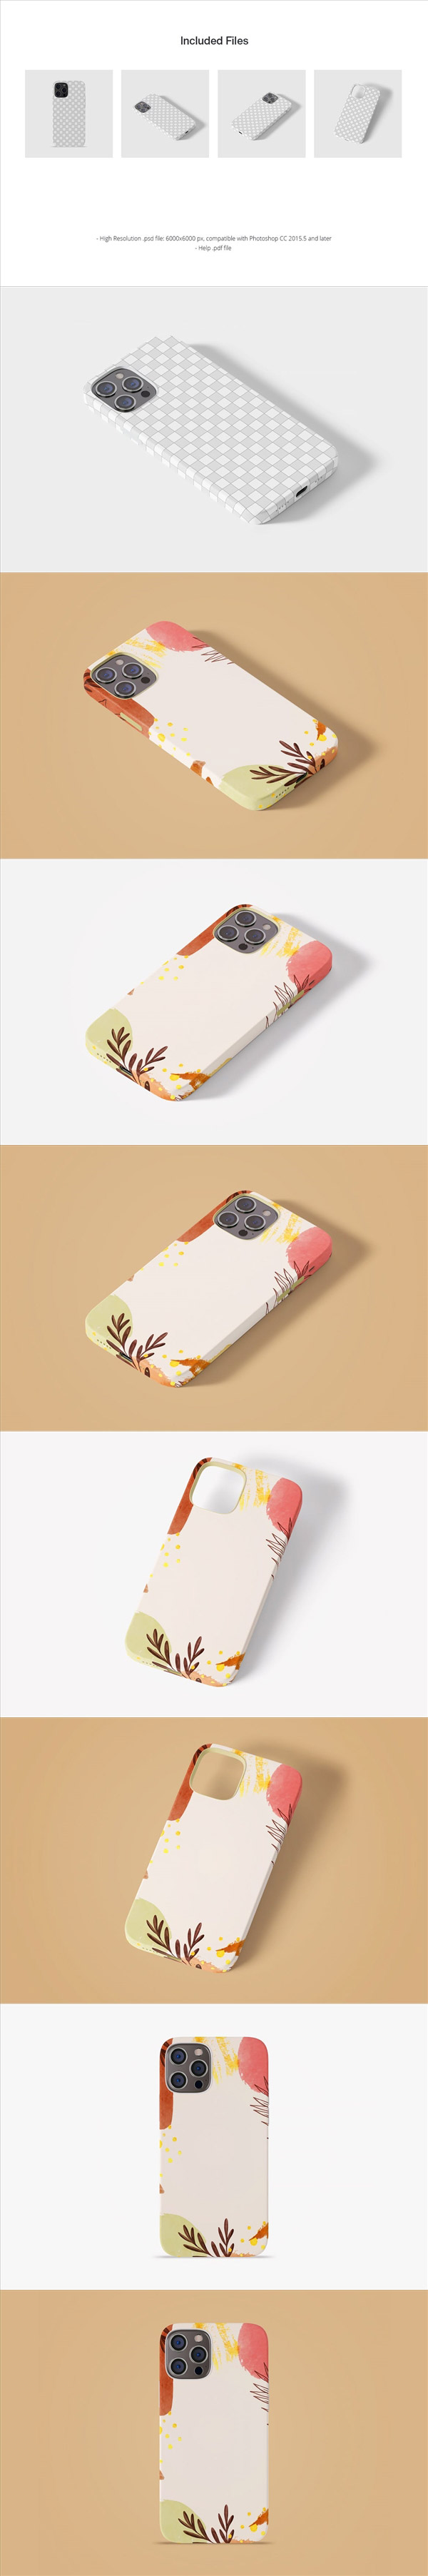 iPhone12手机壳样机